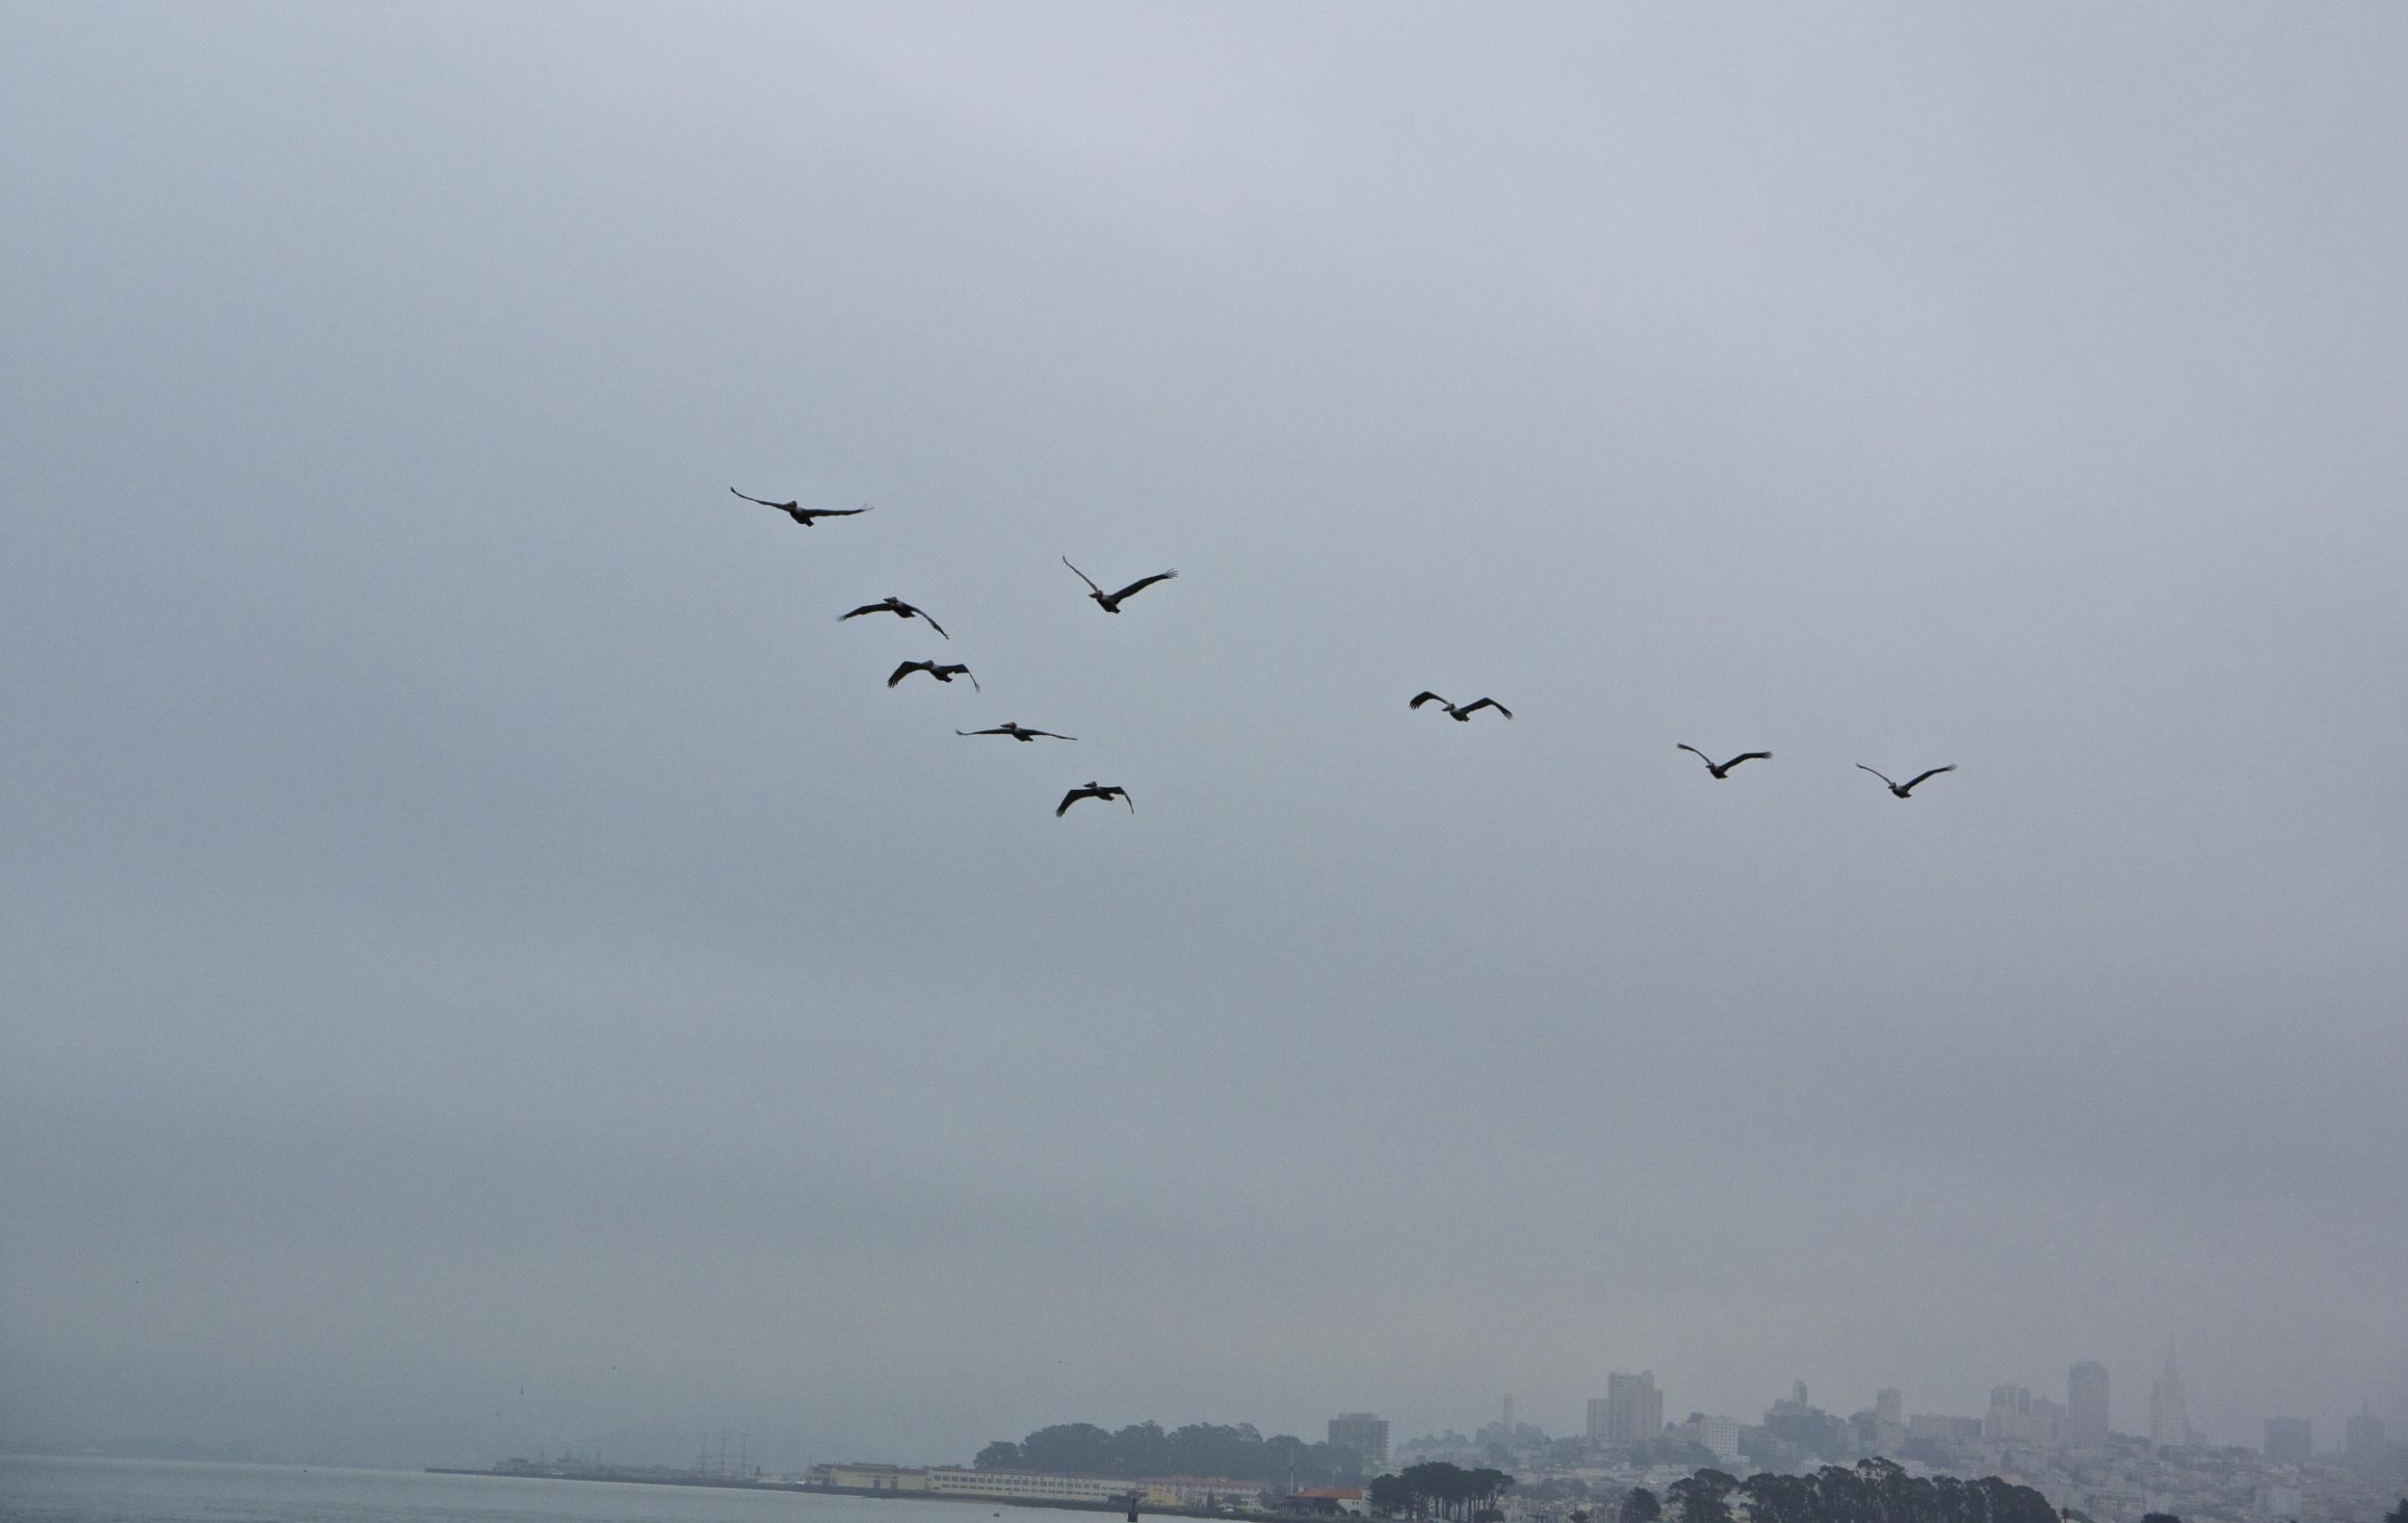 Pelicans Flying V Formation